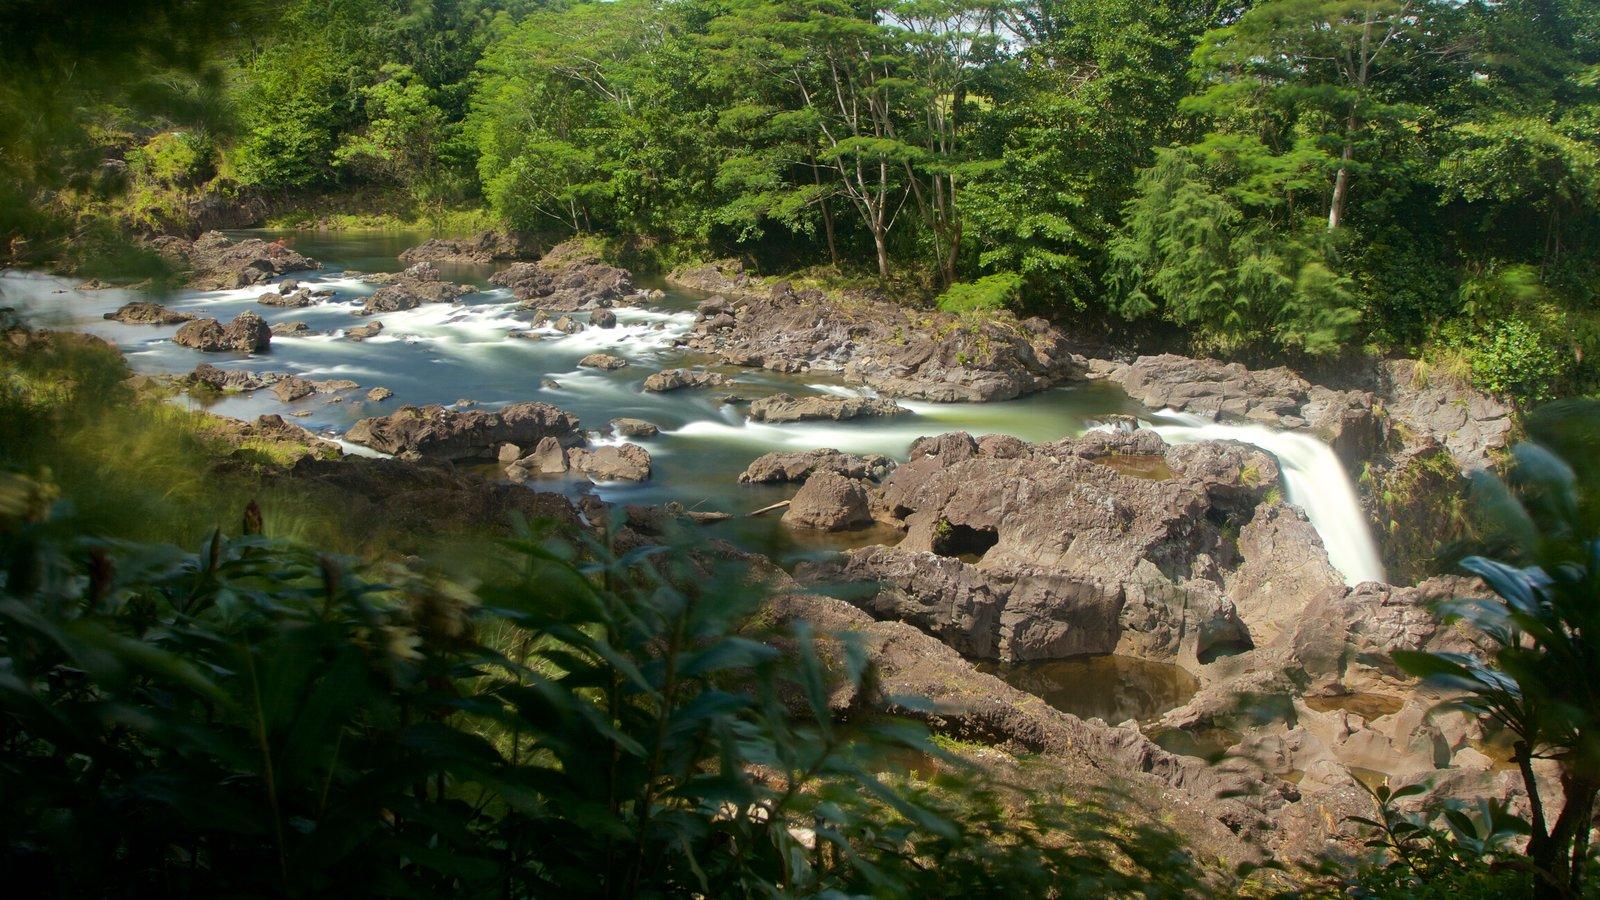 Rainbow Falls caracterizando córrego, uma cascata e um rio ou córrego